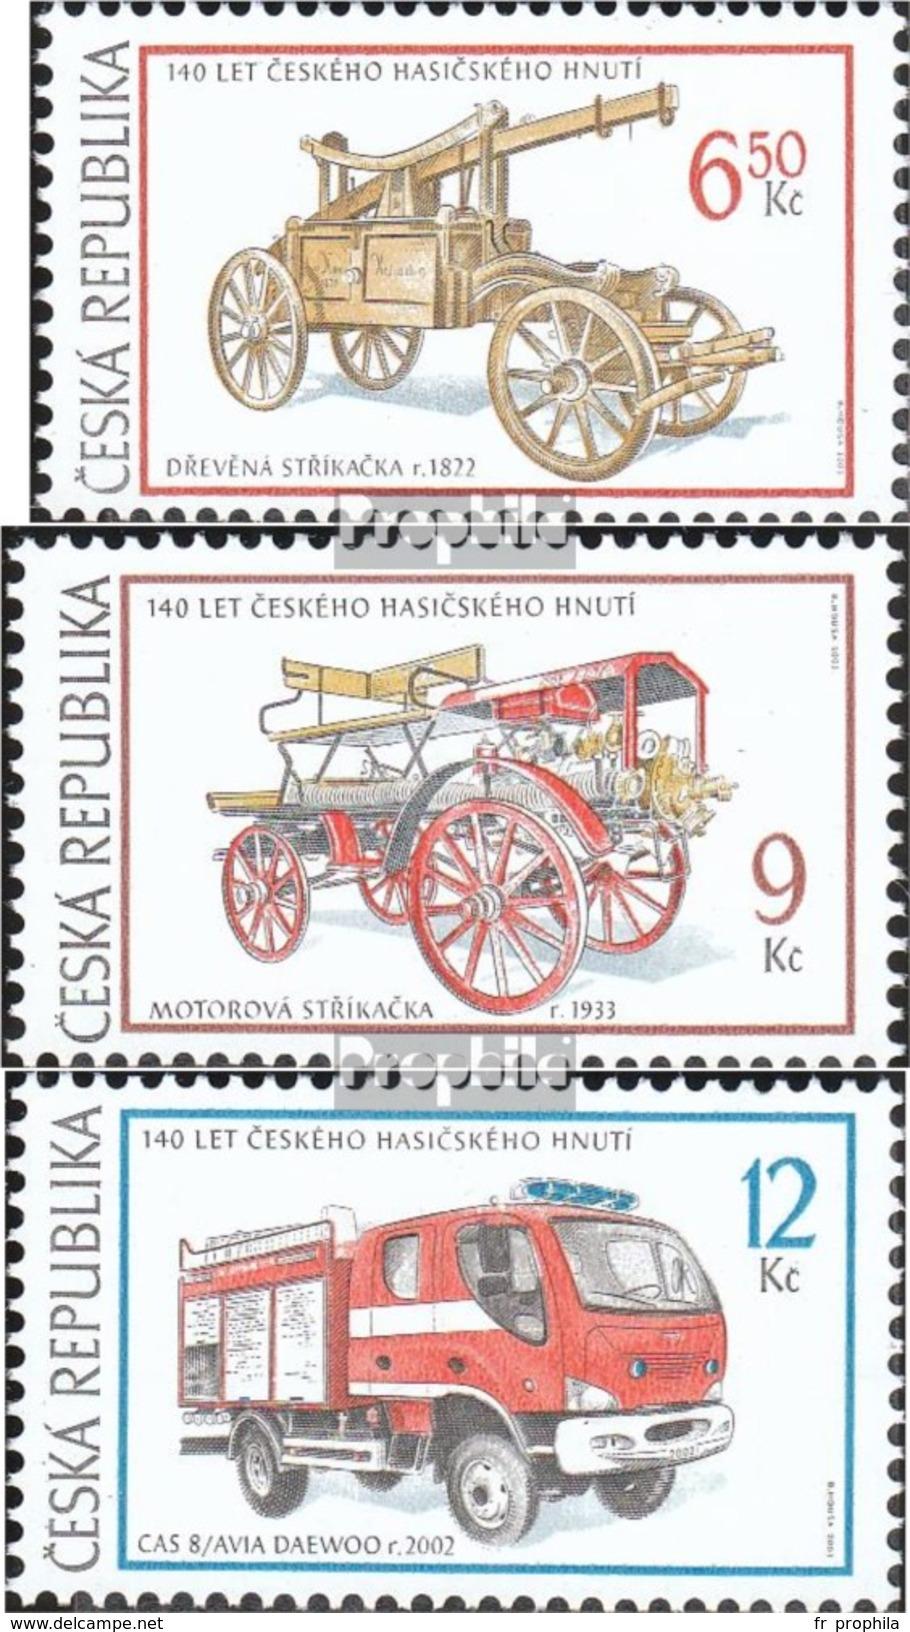 République Tchèque 371-373 (complète.Edition.) Neuf Avec Gomme Originale 2003 Sapeurs-pompiers - Neufs